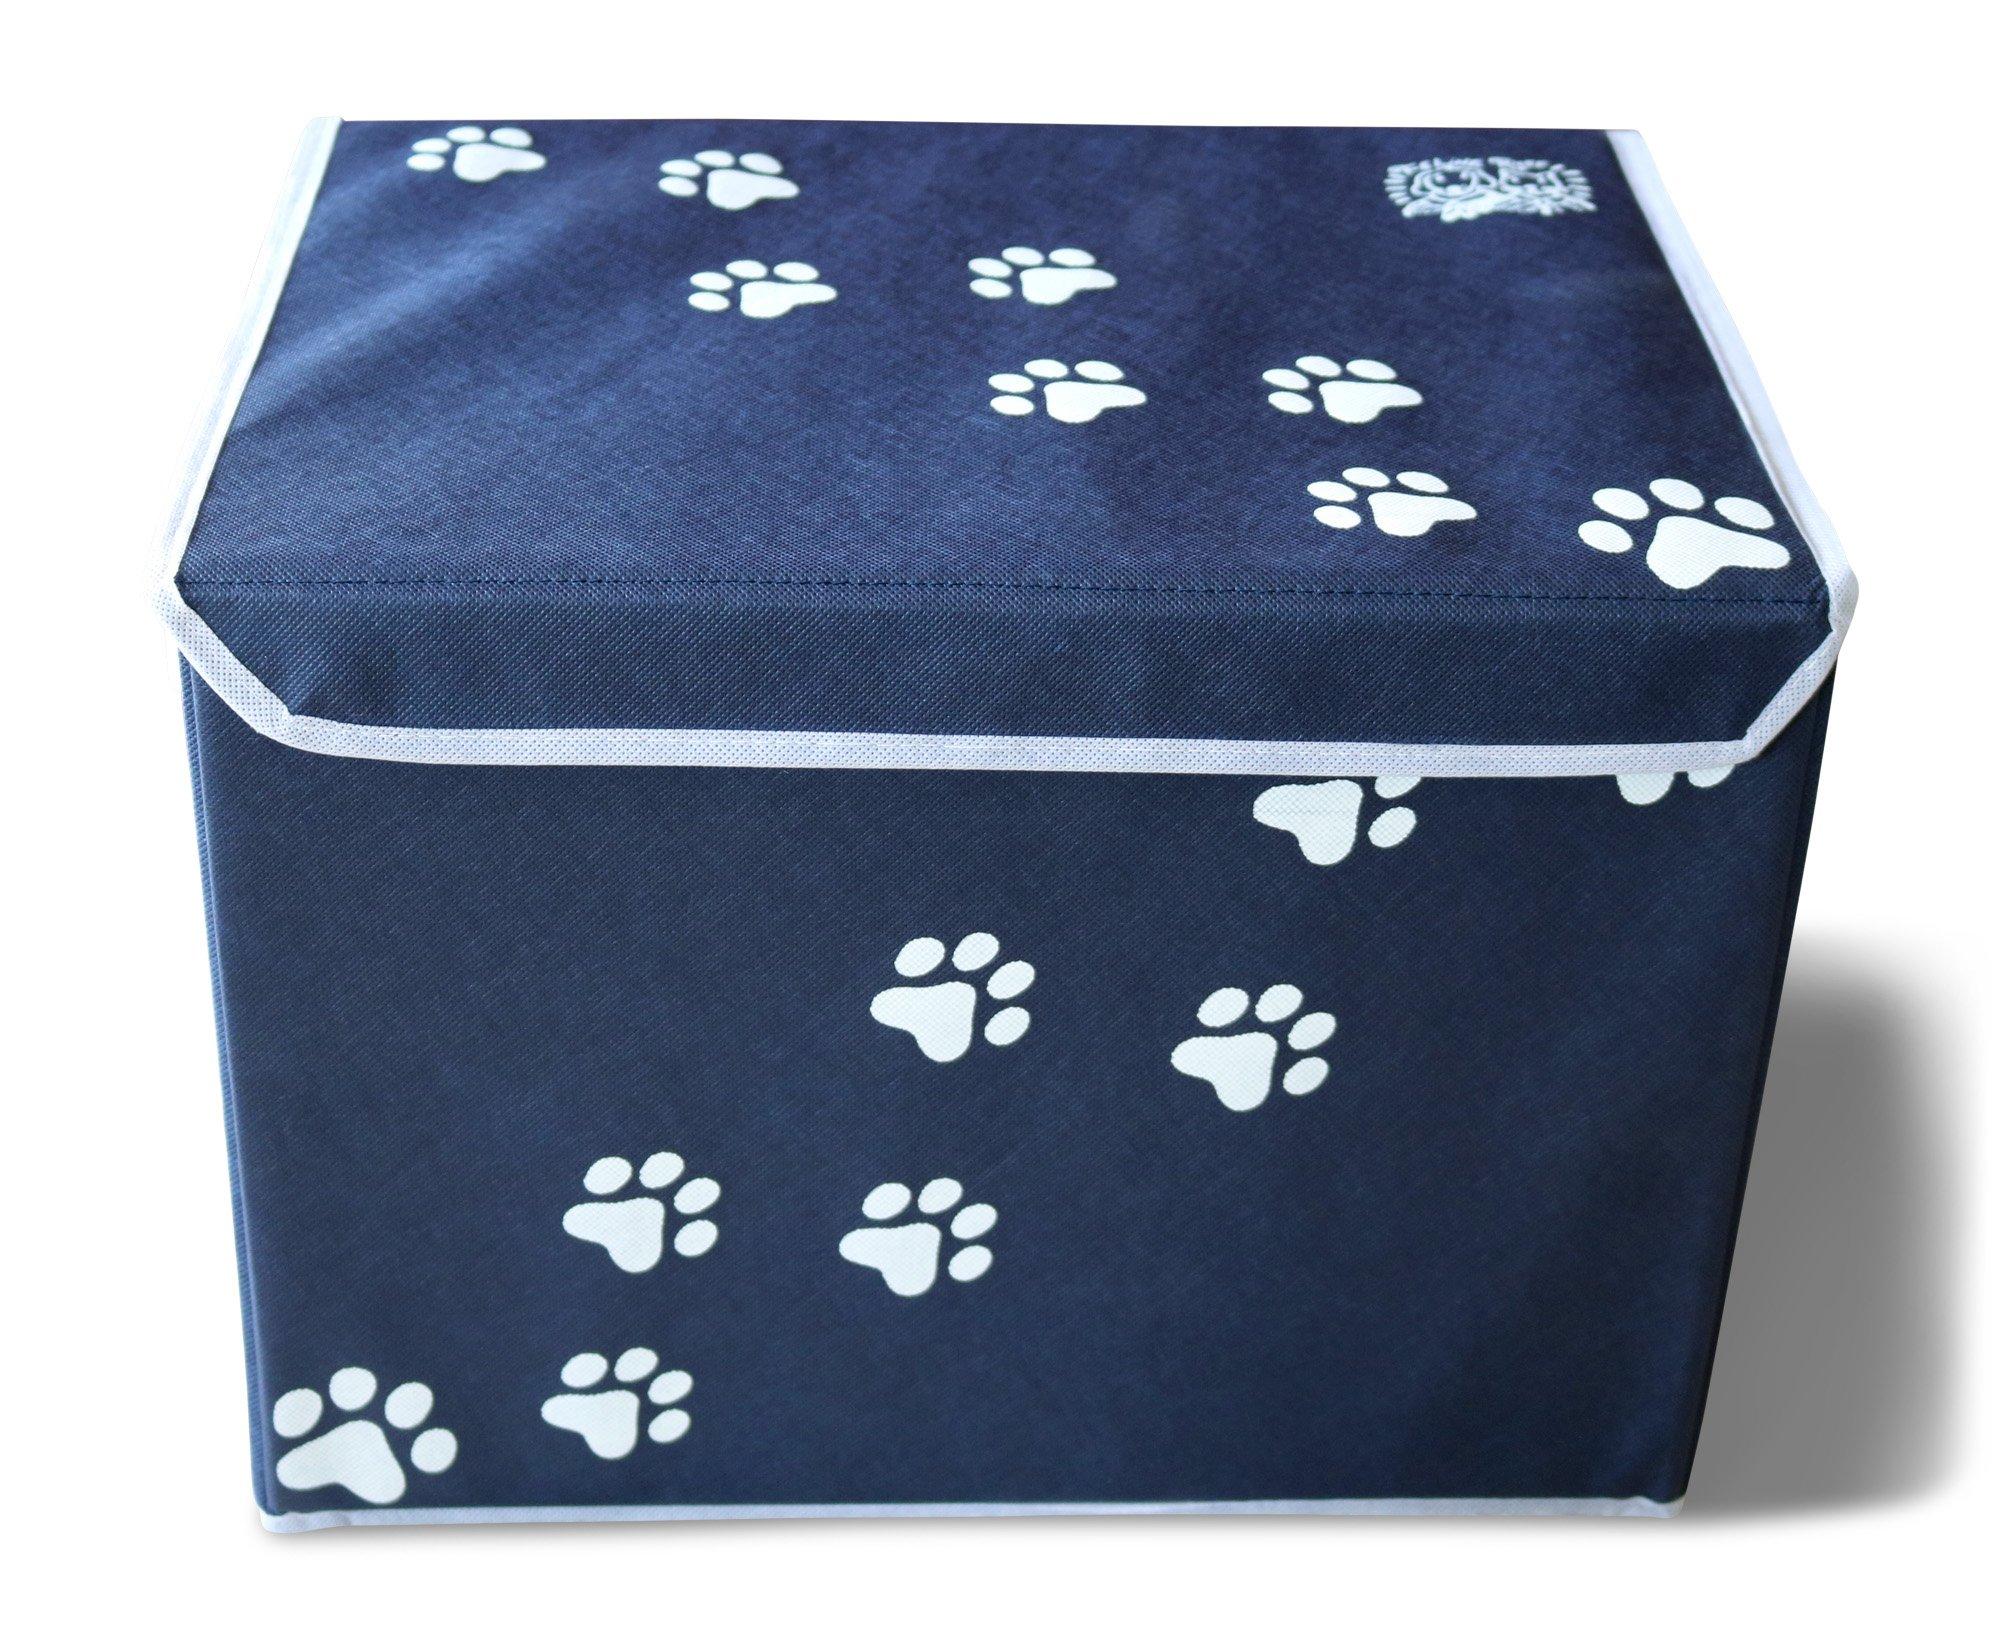 Feline Ruff Large Dog Toys Storage Box 16 X 12 Inch Pet